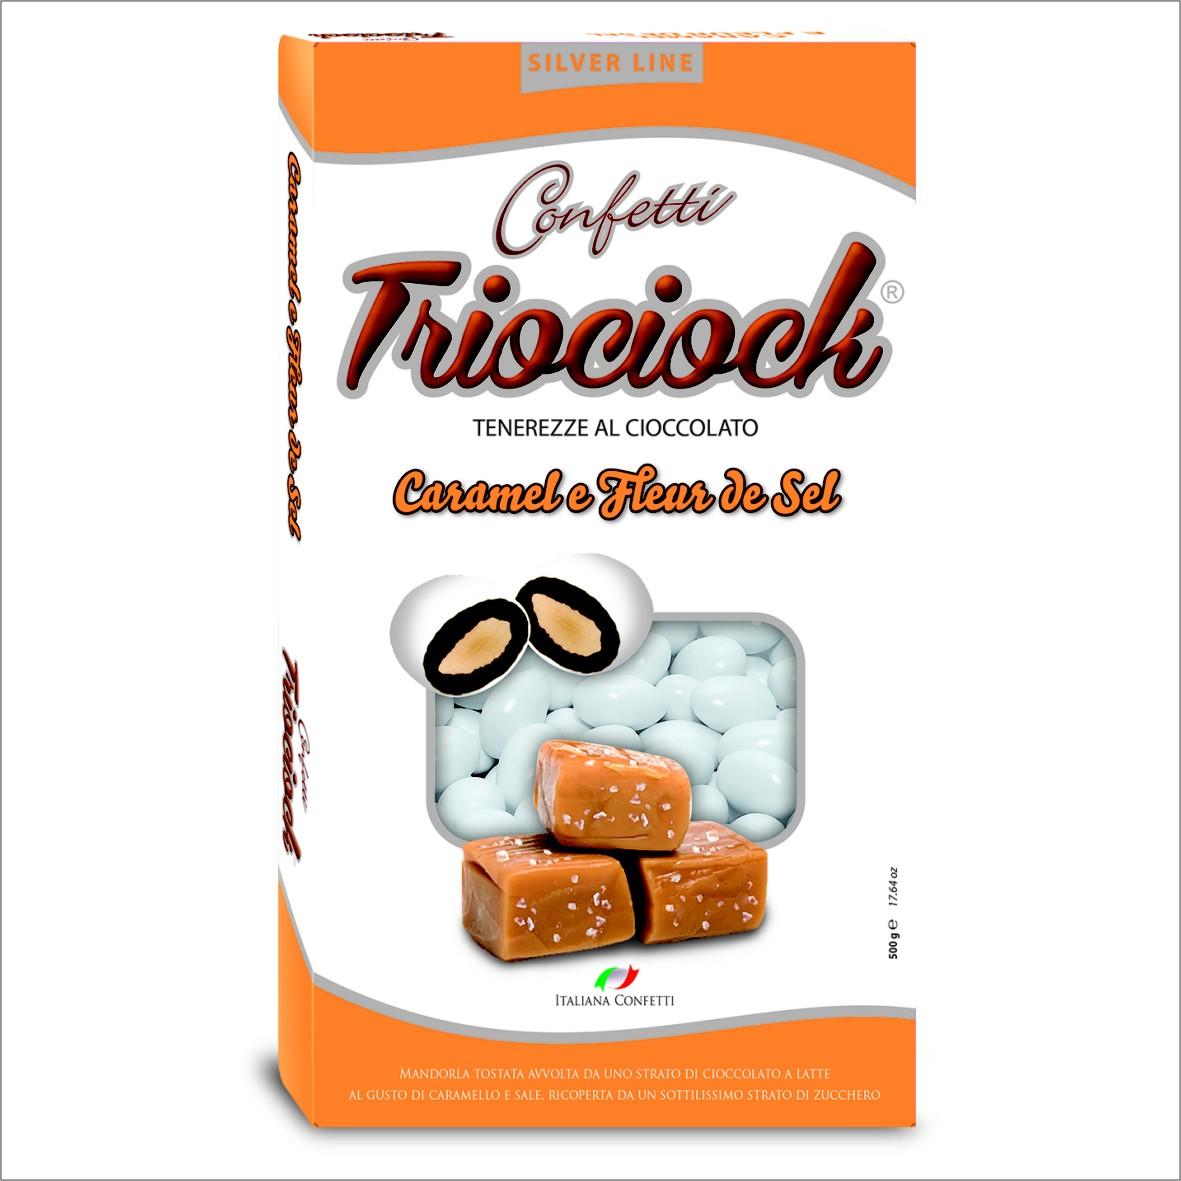 triociock caRAMELLO